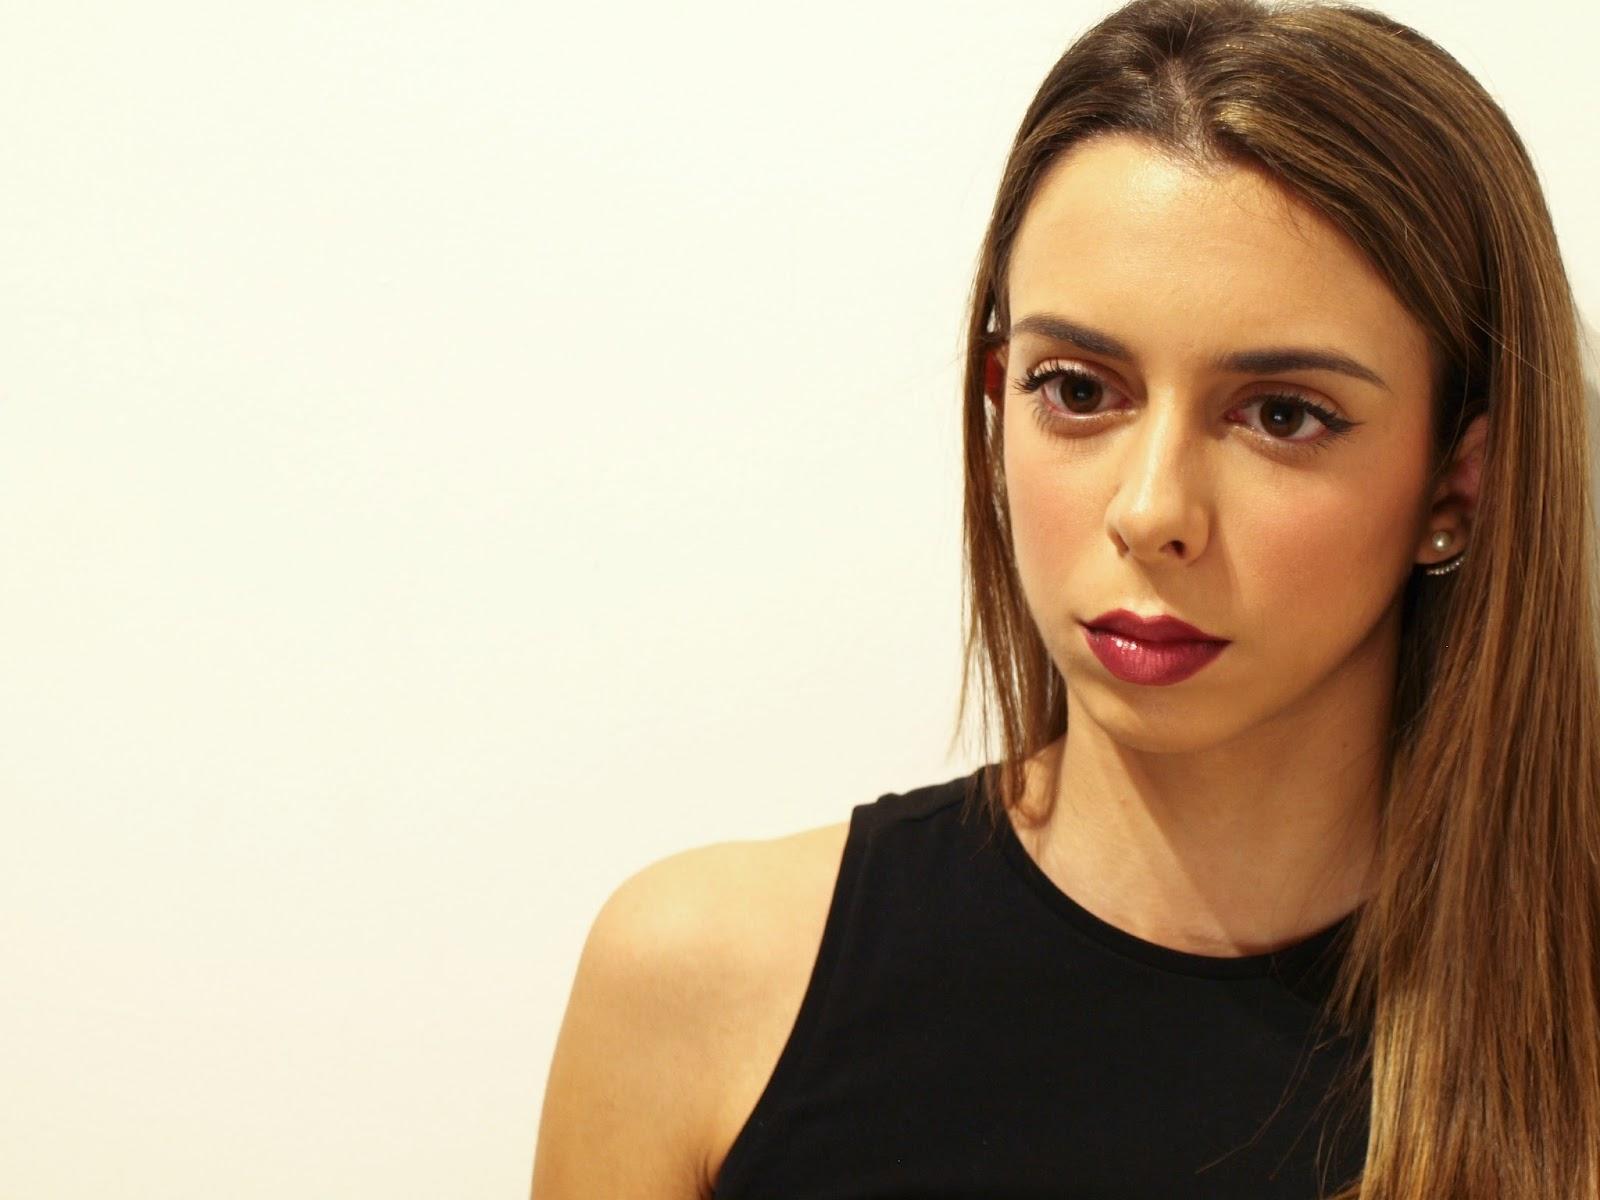 makeup-maquillage-irene-conturing-fard-blush-mascara-mac-nars-sephora